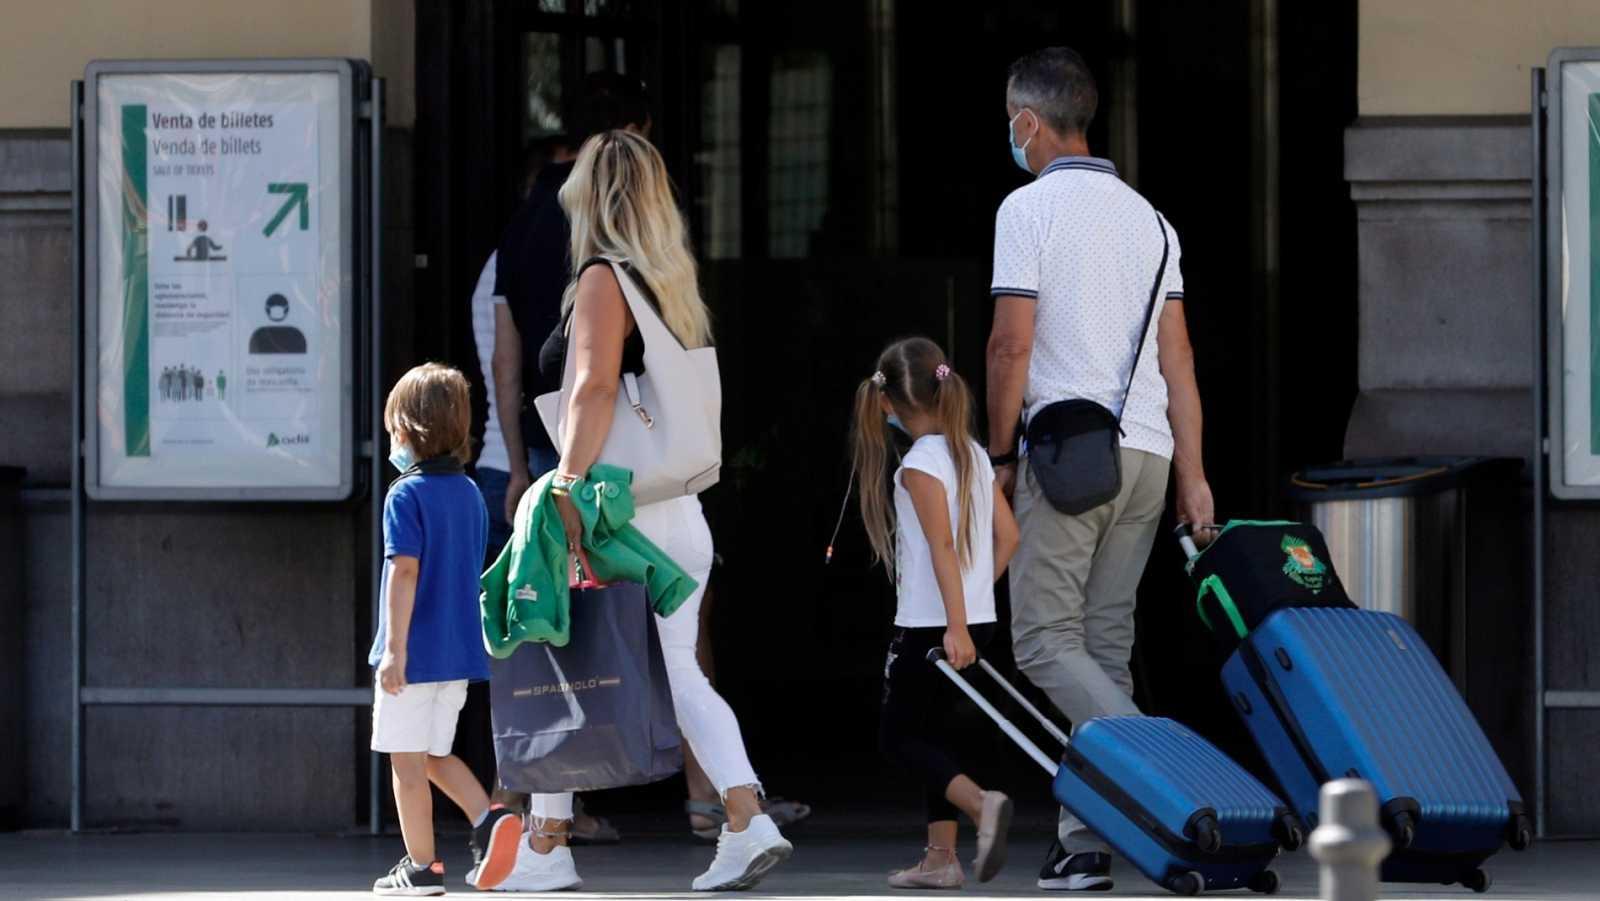 Una familia con sus maletas entra en la estación del Norte de Valencia